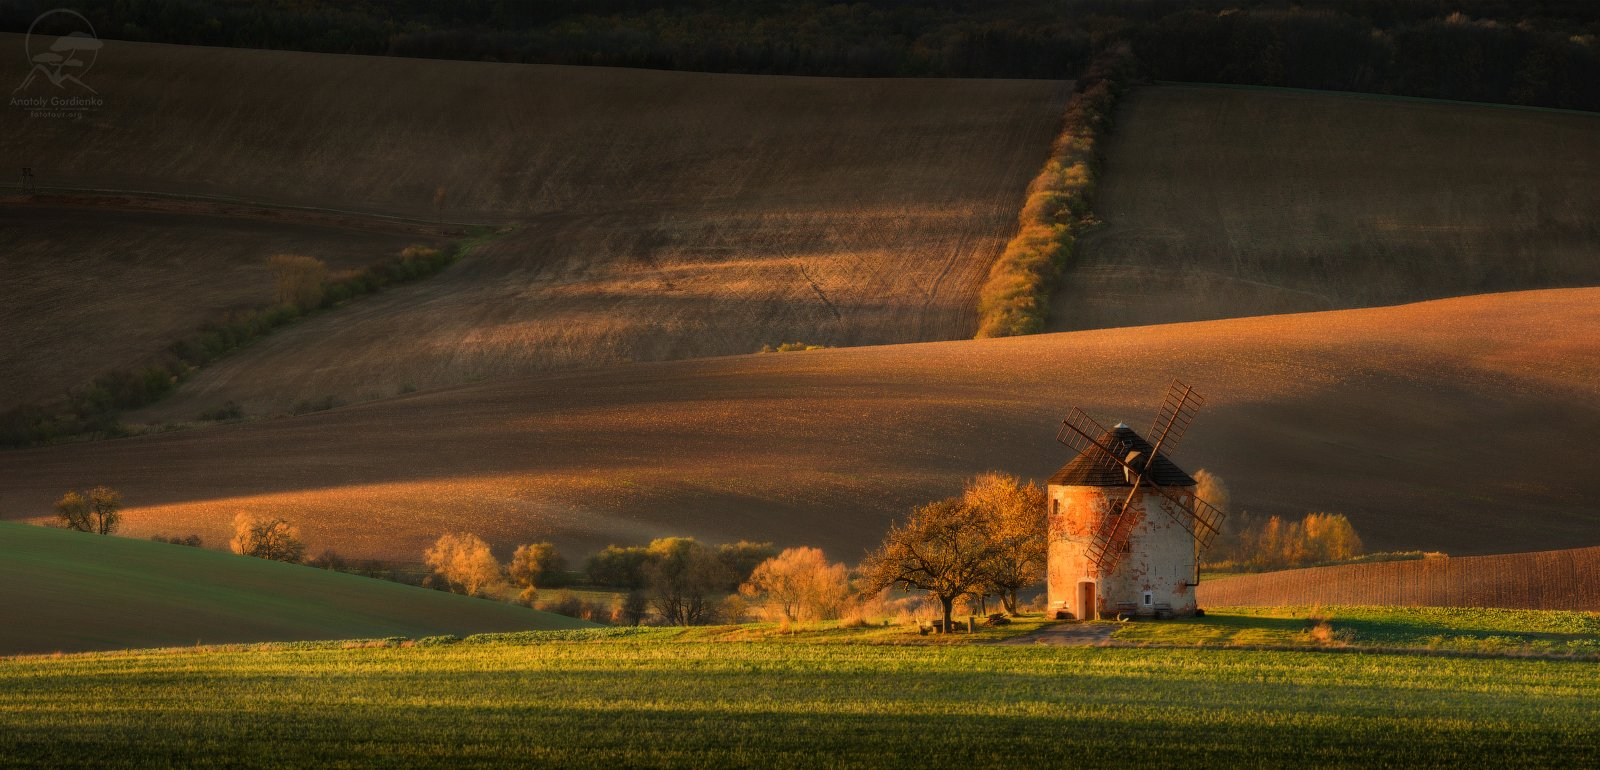 пейзаж, природа, поле, моравия, чехия, мельница, Анатолий Гордиенко www.fototour.org